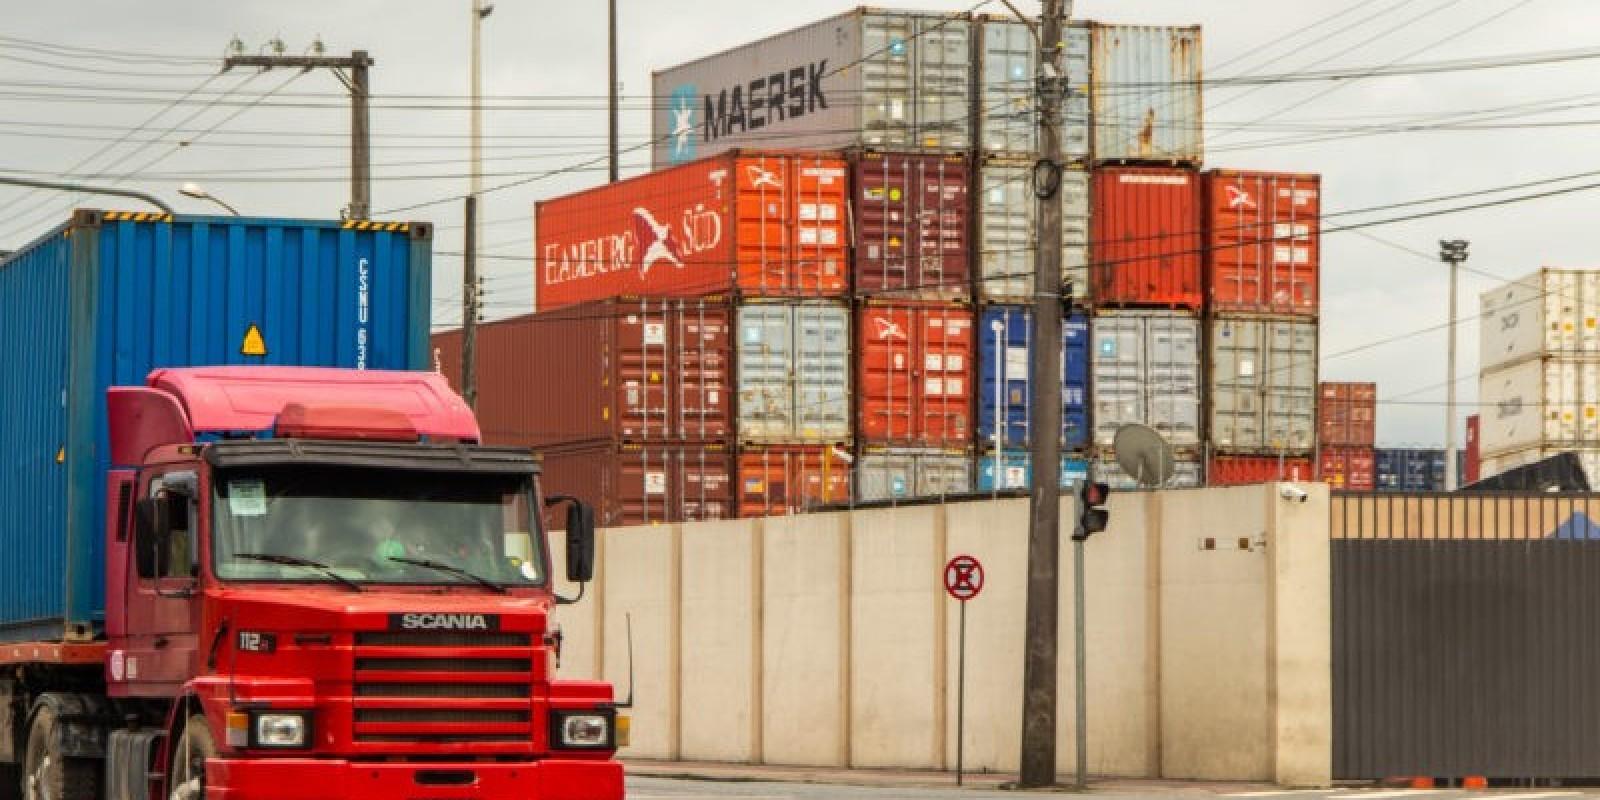 Crise mundial de contêineres afeta operações no Porto de Itajaí